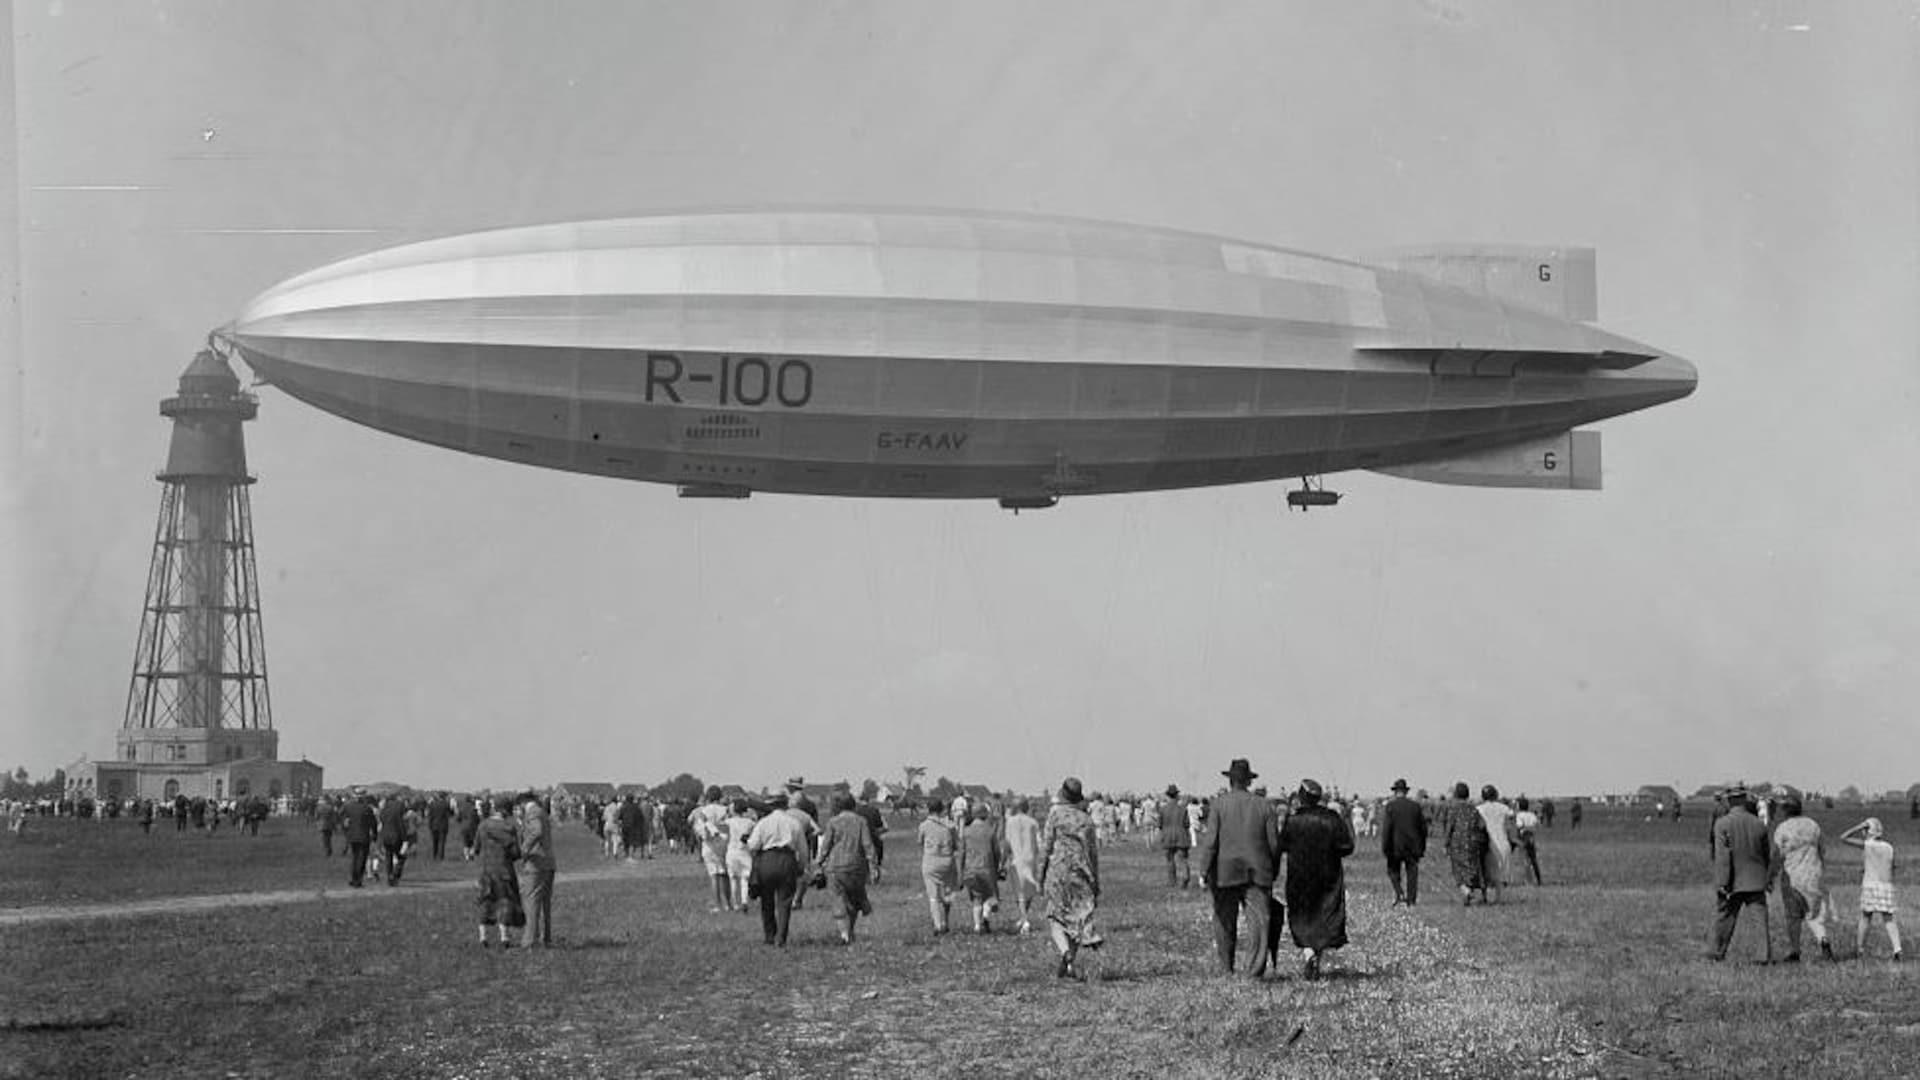 On voit une petite foule de gens dispersés se diriger vers le R-100. Le dirigeable semble suspendu dans les airs, bien ancré à son mât sous un ciel radieux.